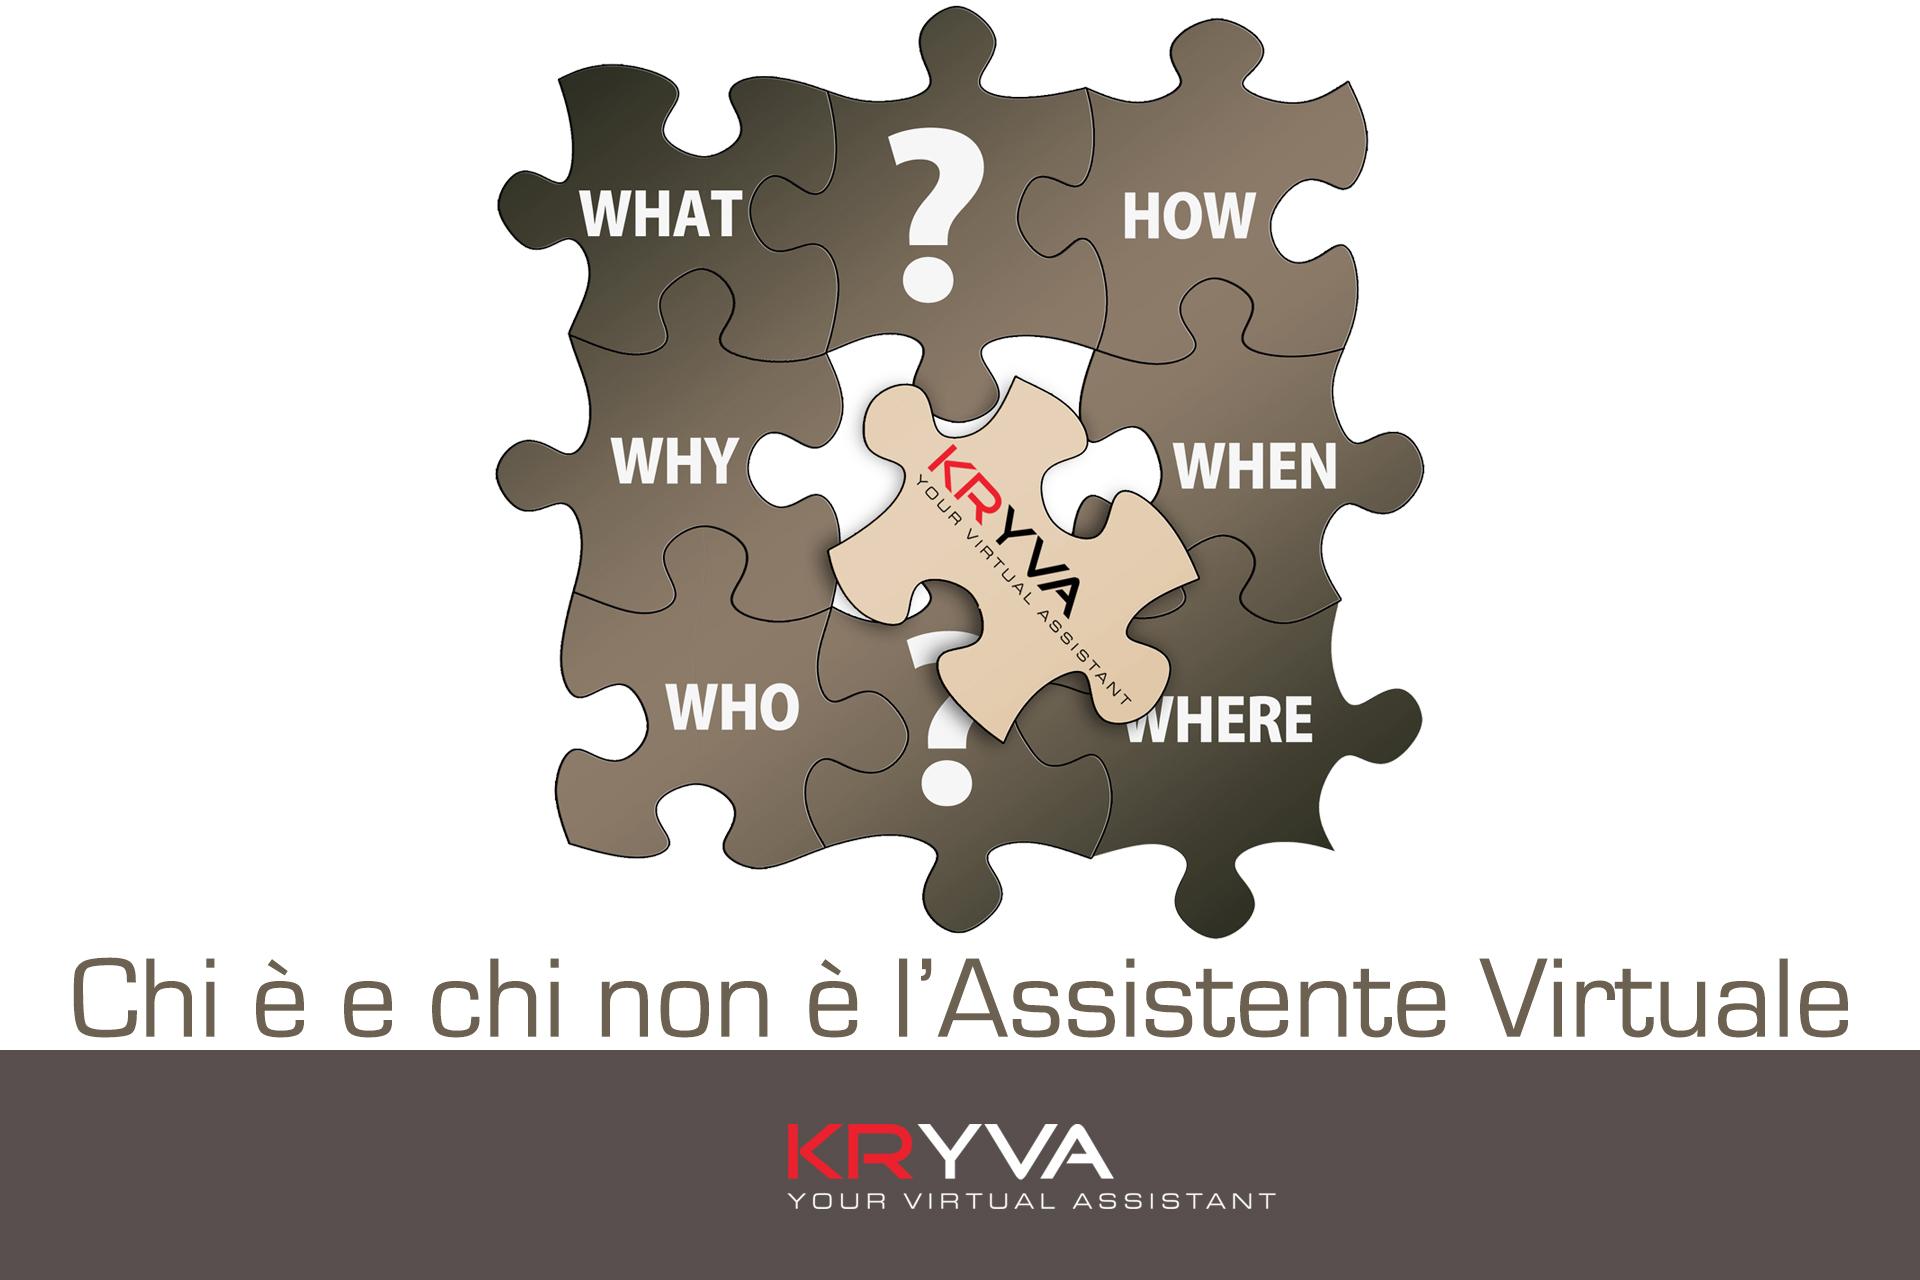 Conosci meglio l'Assistente Virtuale